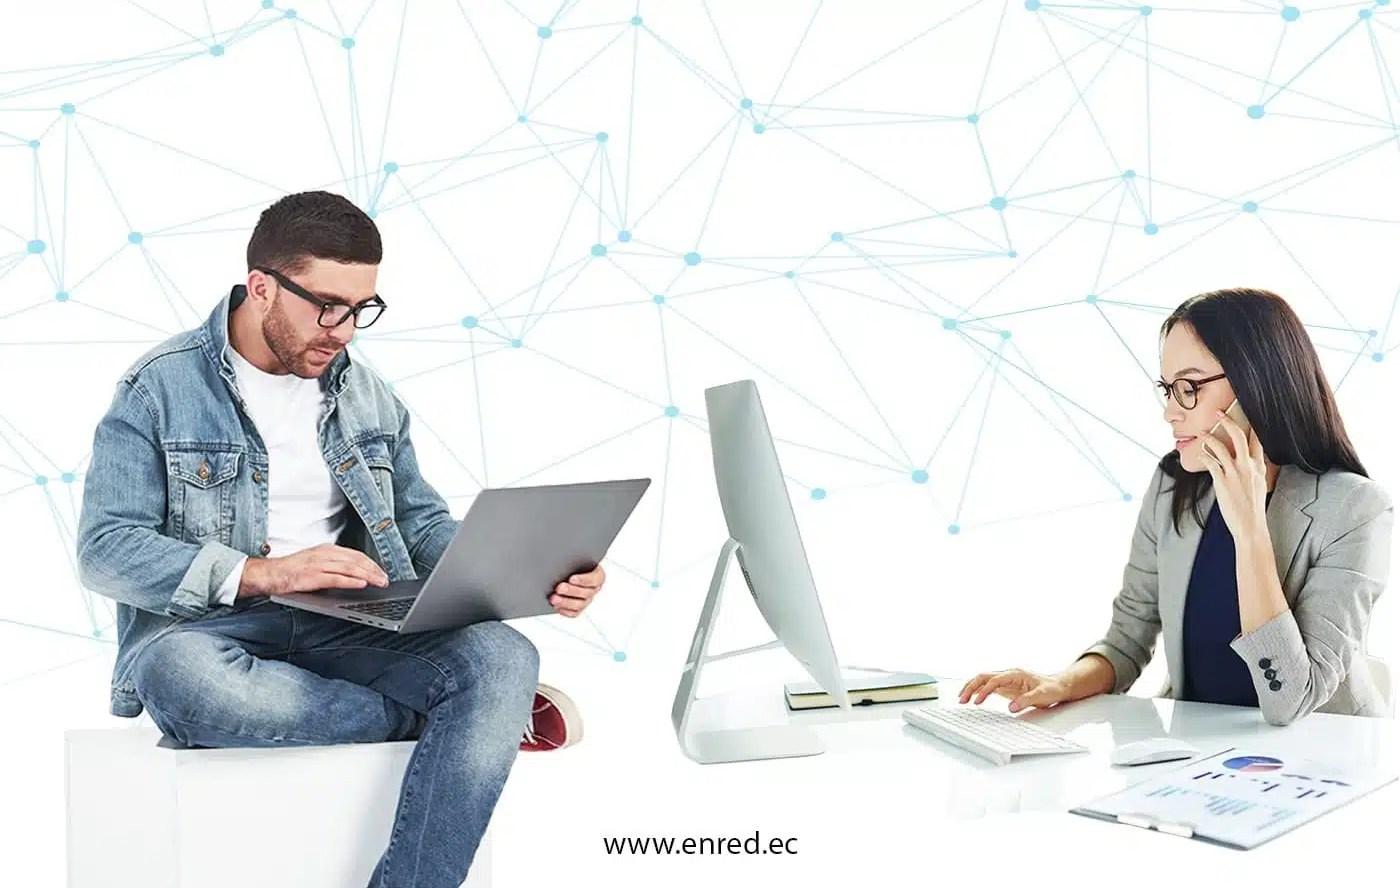 ¿Qué tipo de emprendedor eres o te gustaría ser?